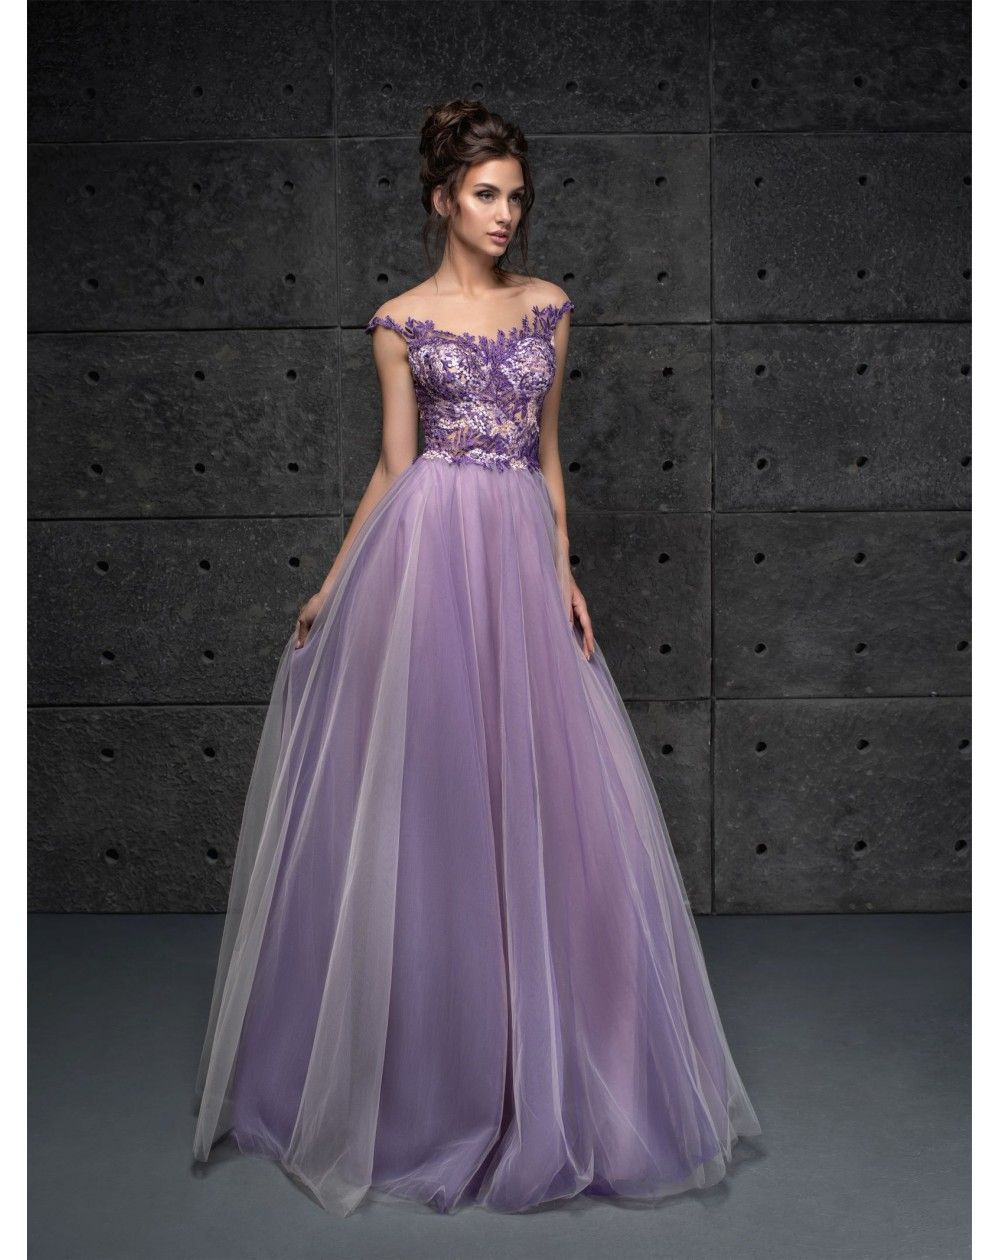 051f77a4688c Dlhé fialové luxusné spoločenské šaty Frances vhodné na ples